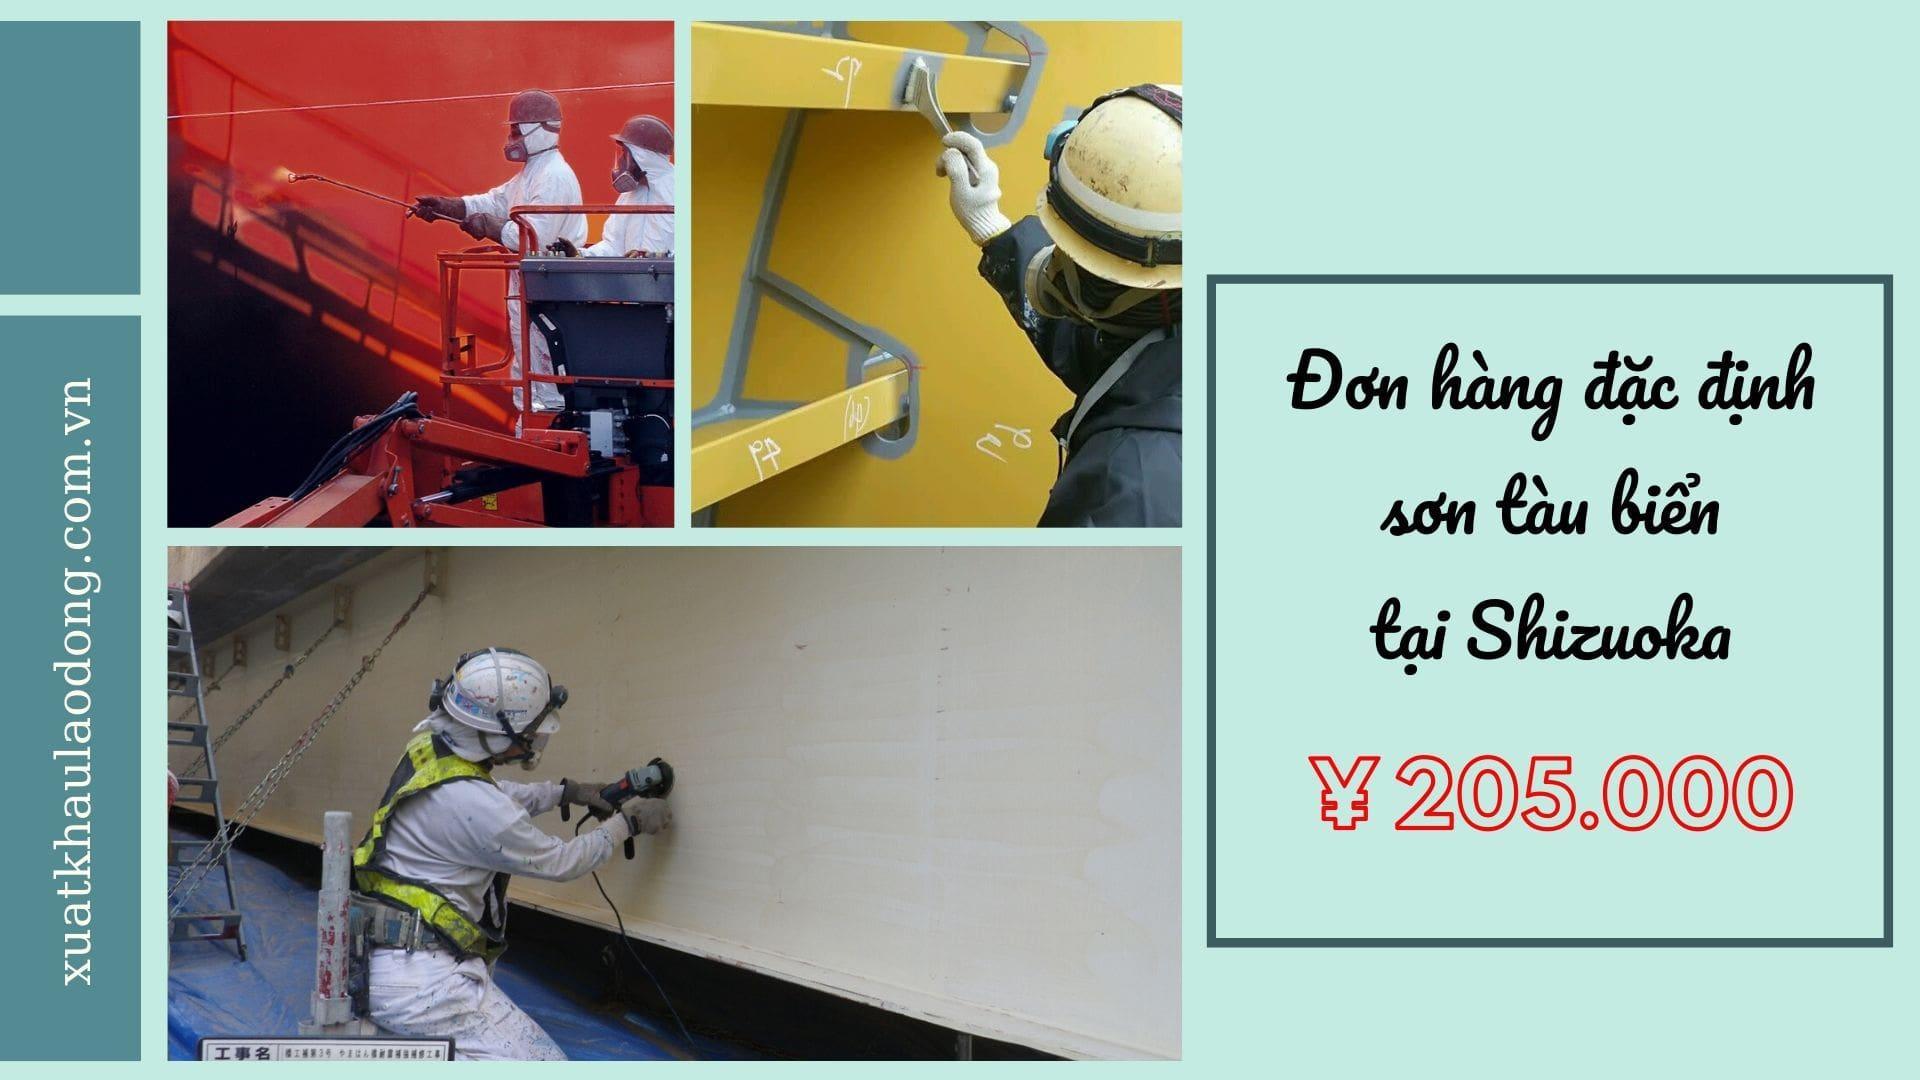 Đơn hàng đặc định sơn tàu biển lương 45 triệu/tháng tại Shizuoka